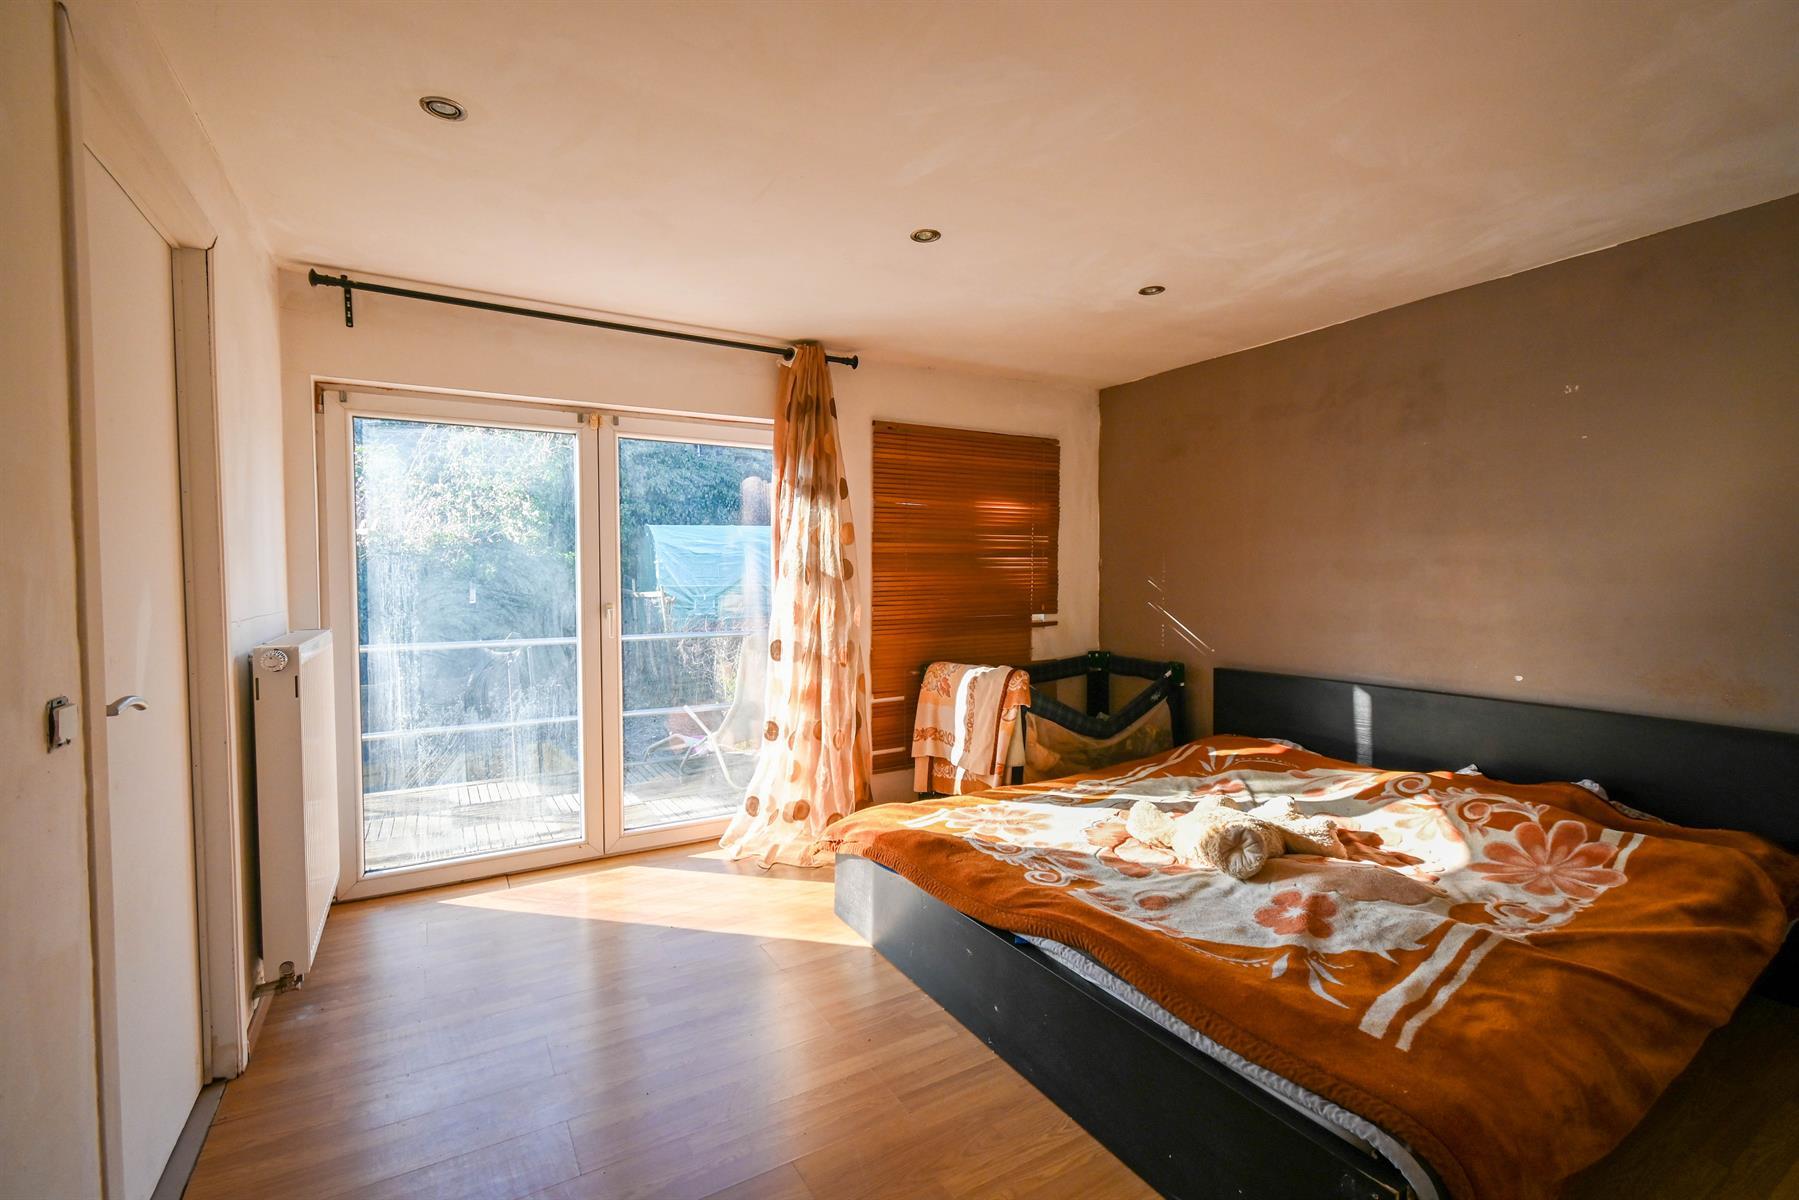 Maison - Verviers - #4305597-6